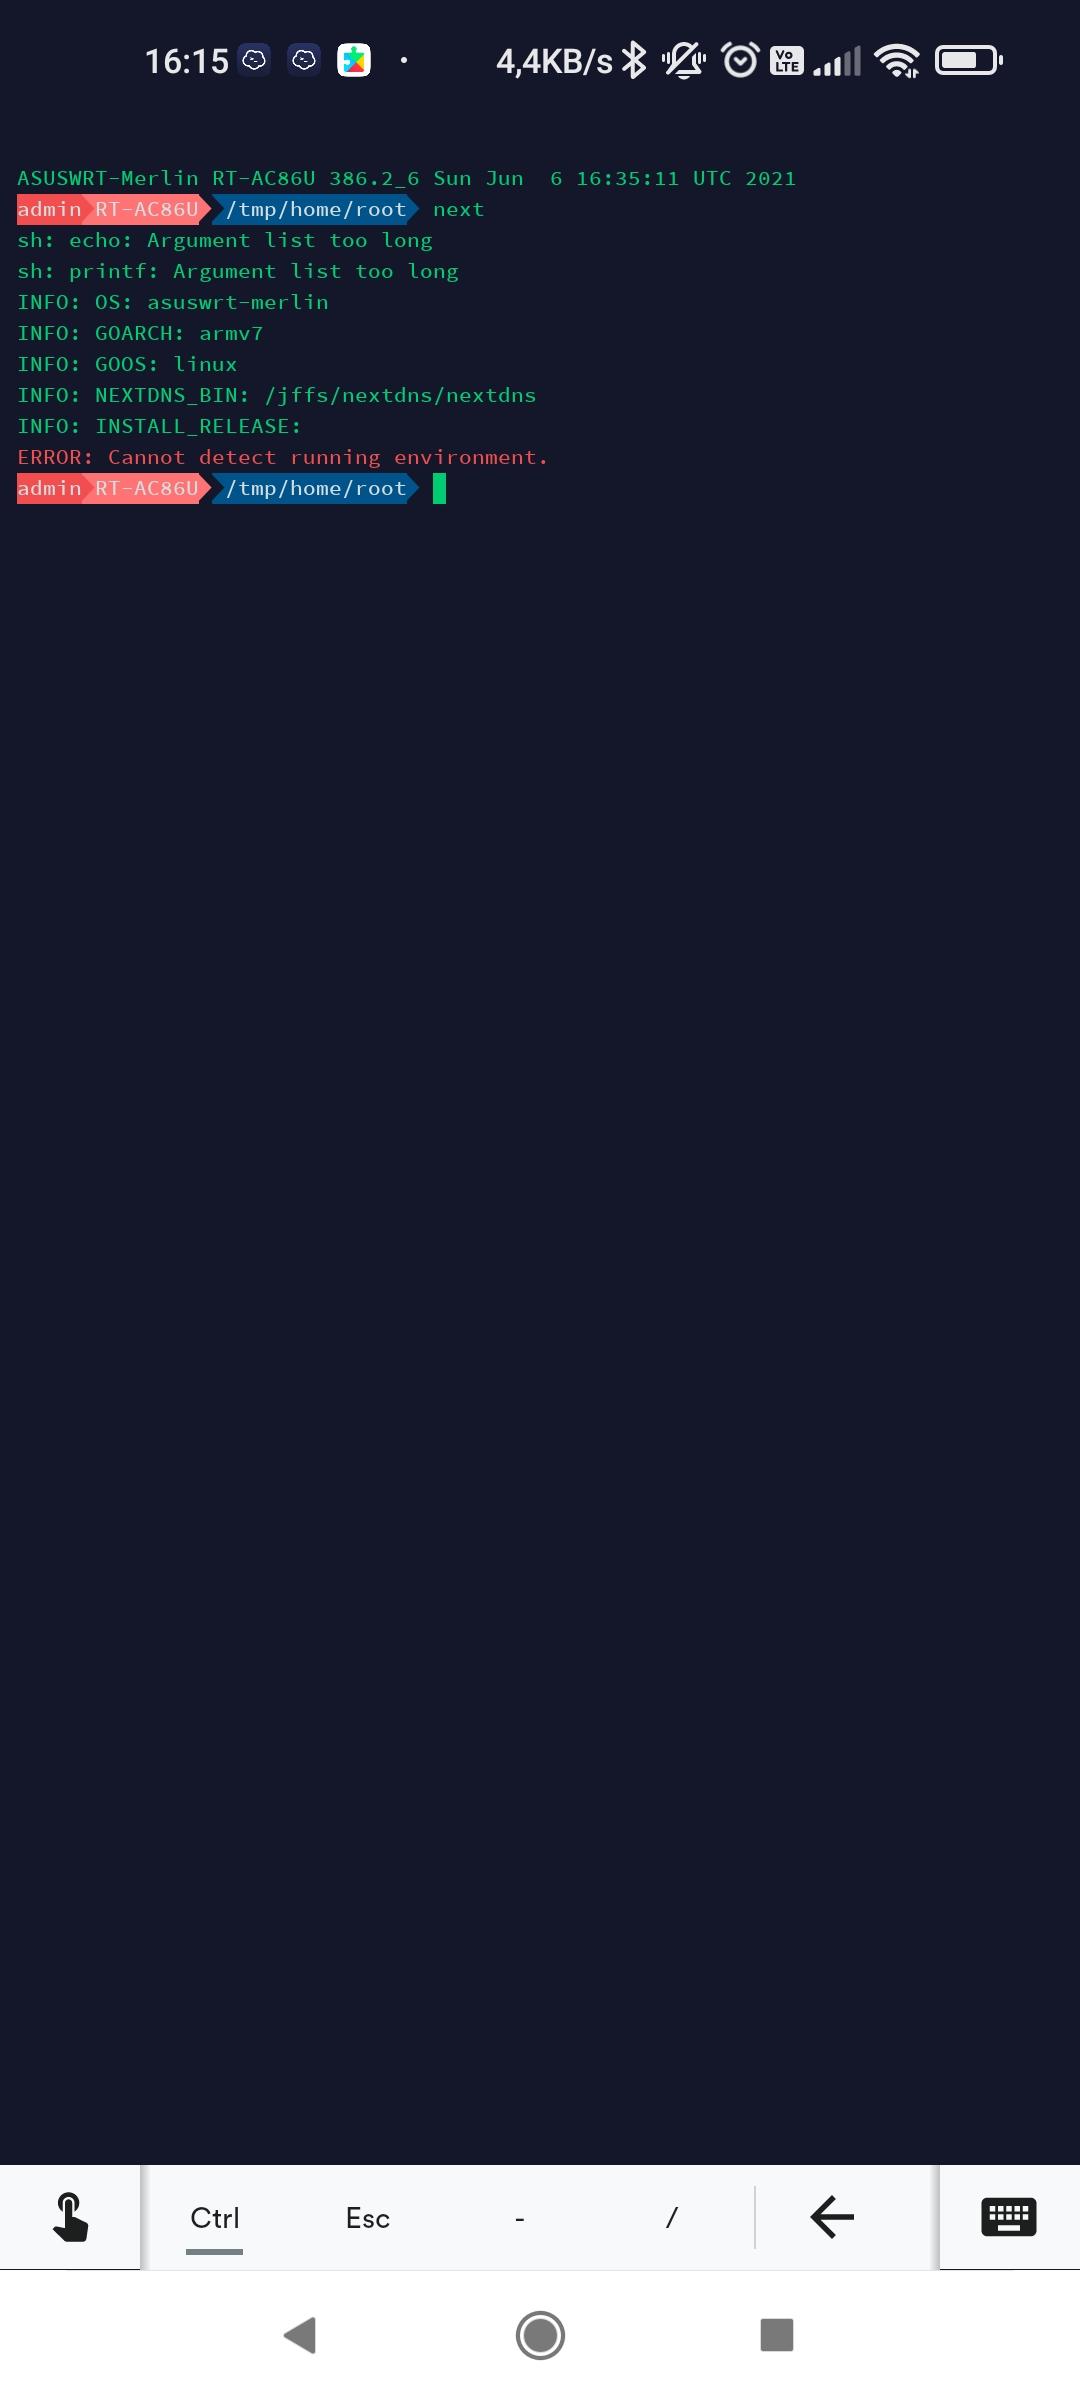 Screenshot_2021-06-26-16-15-42-484_com server auditor ssh client